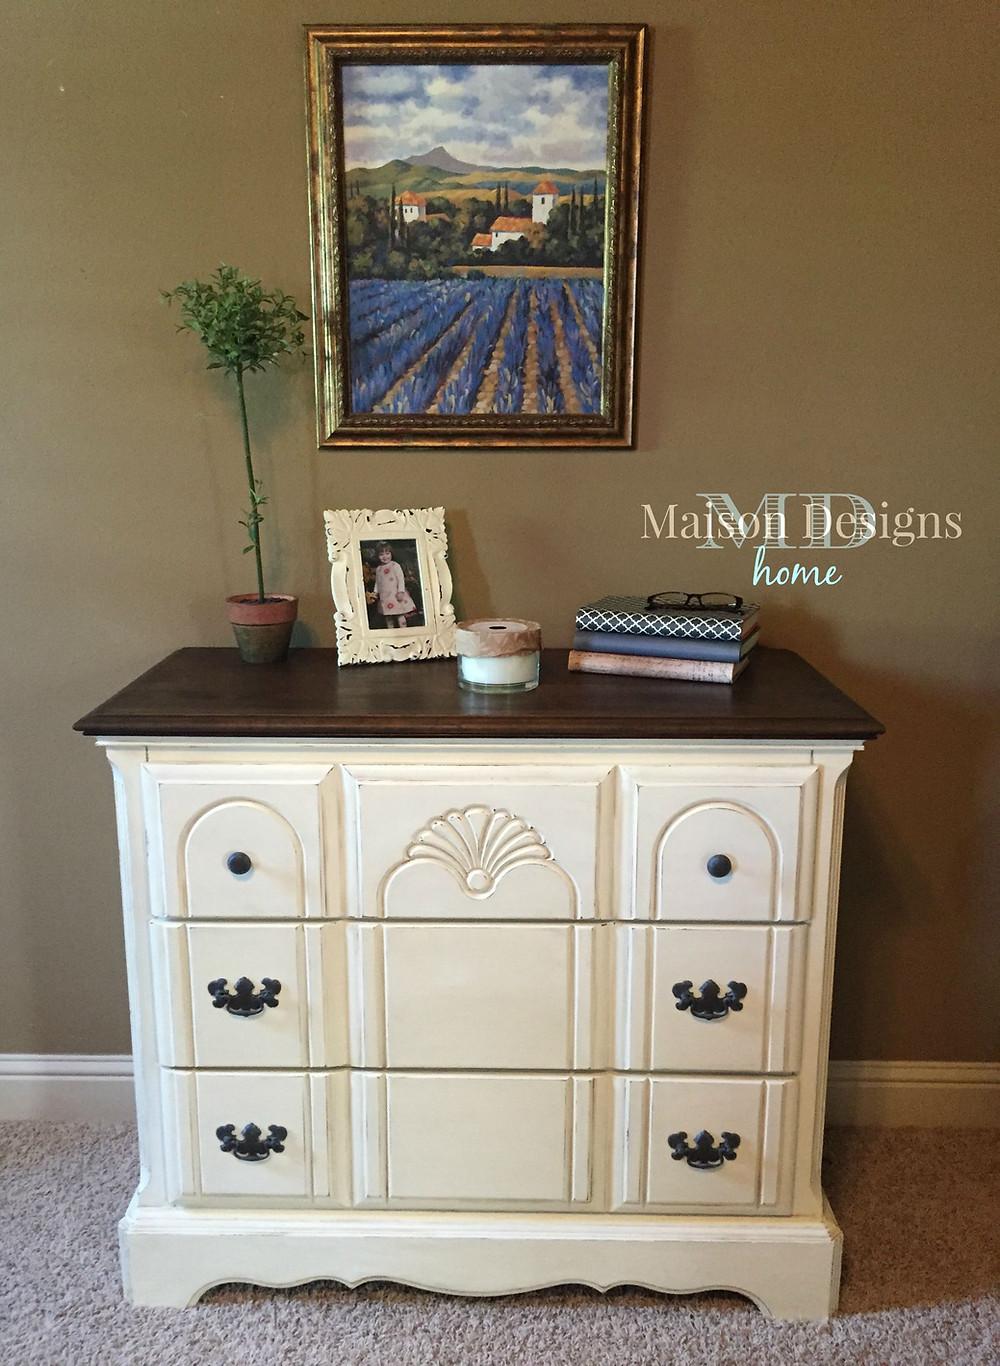 Maison Designs Home-Vanilla Bean Dresser Makeover